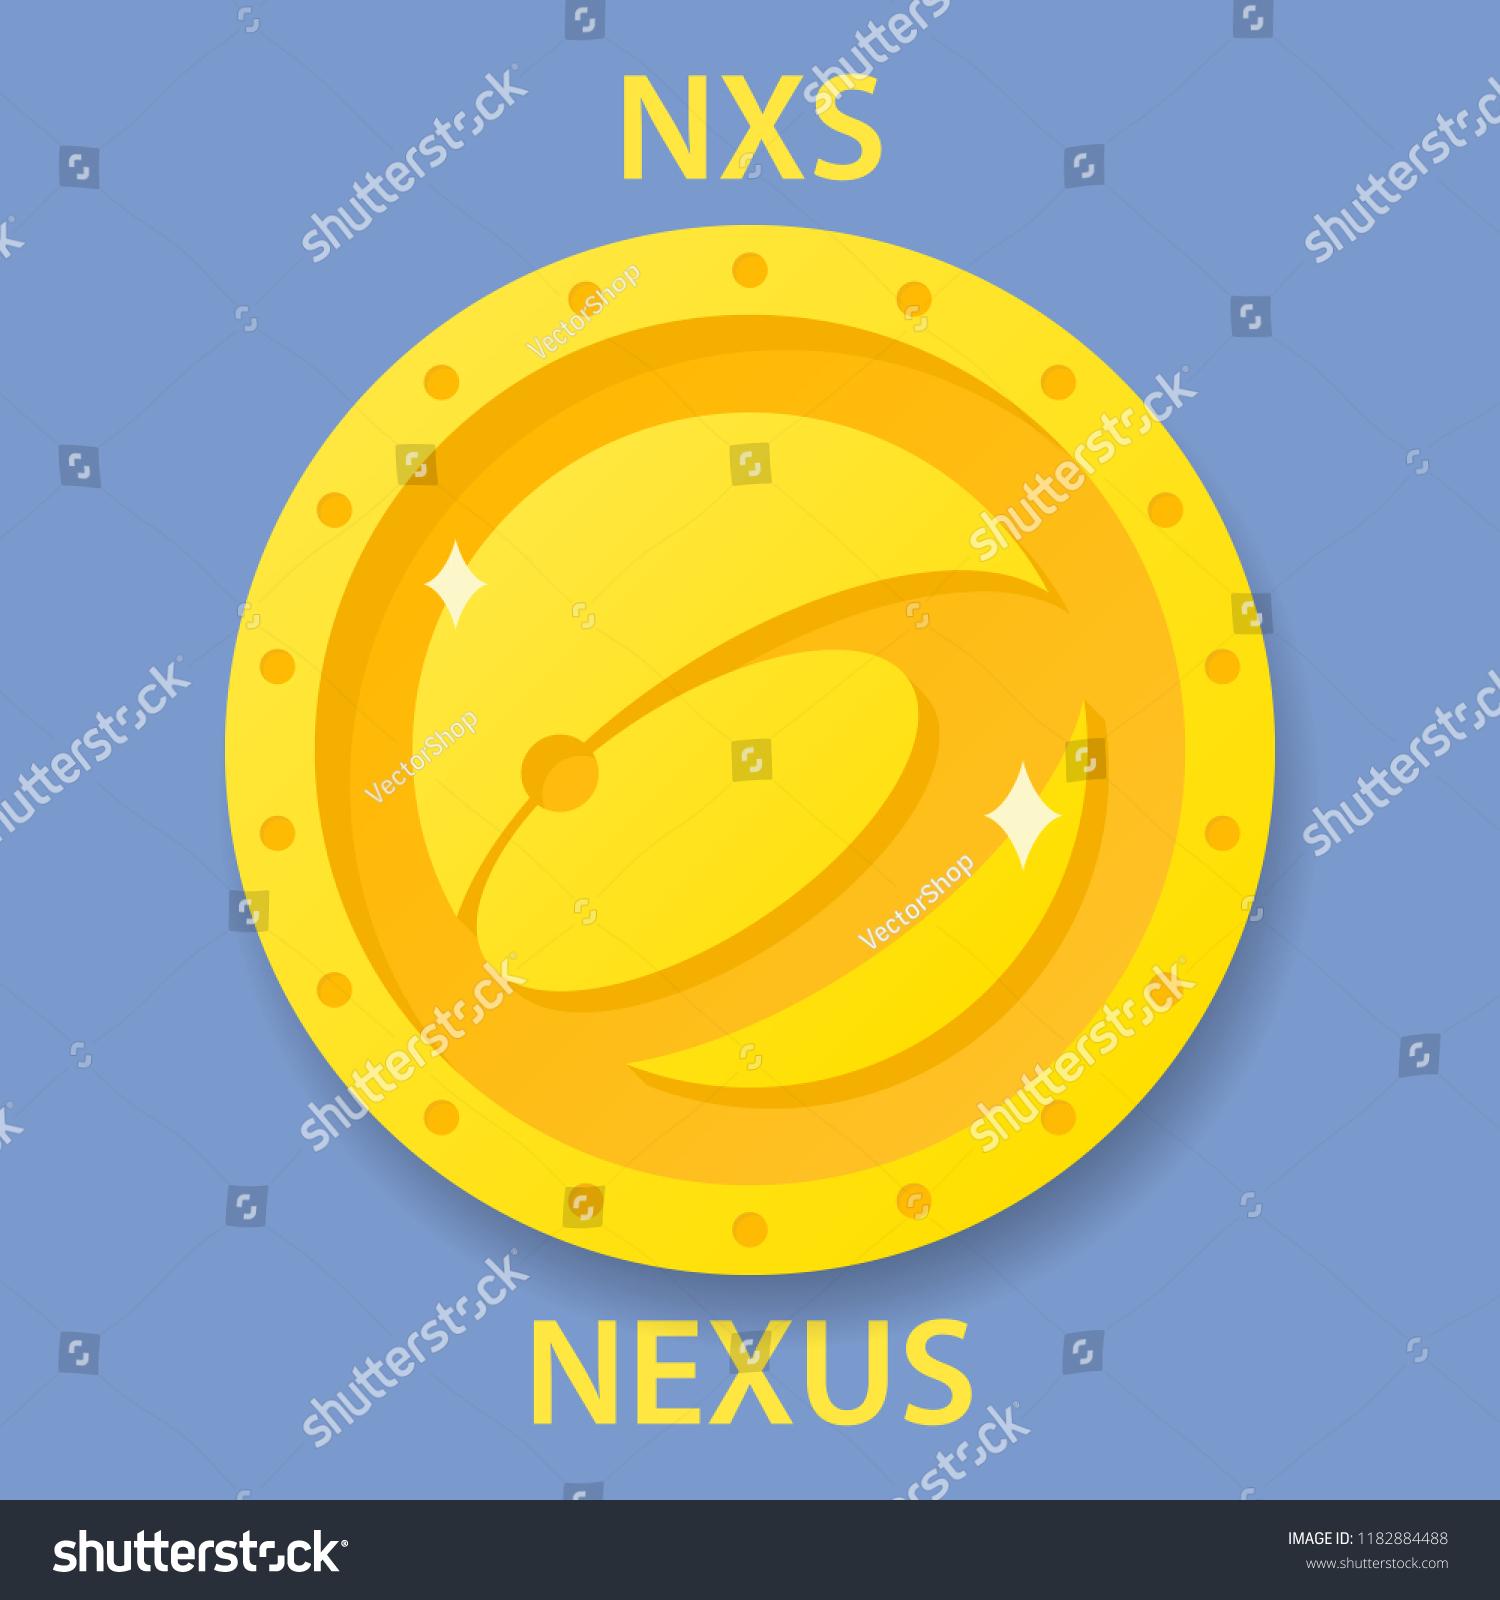 nexus cryptocurrency stock price